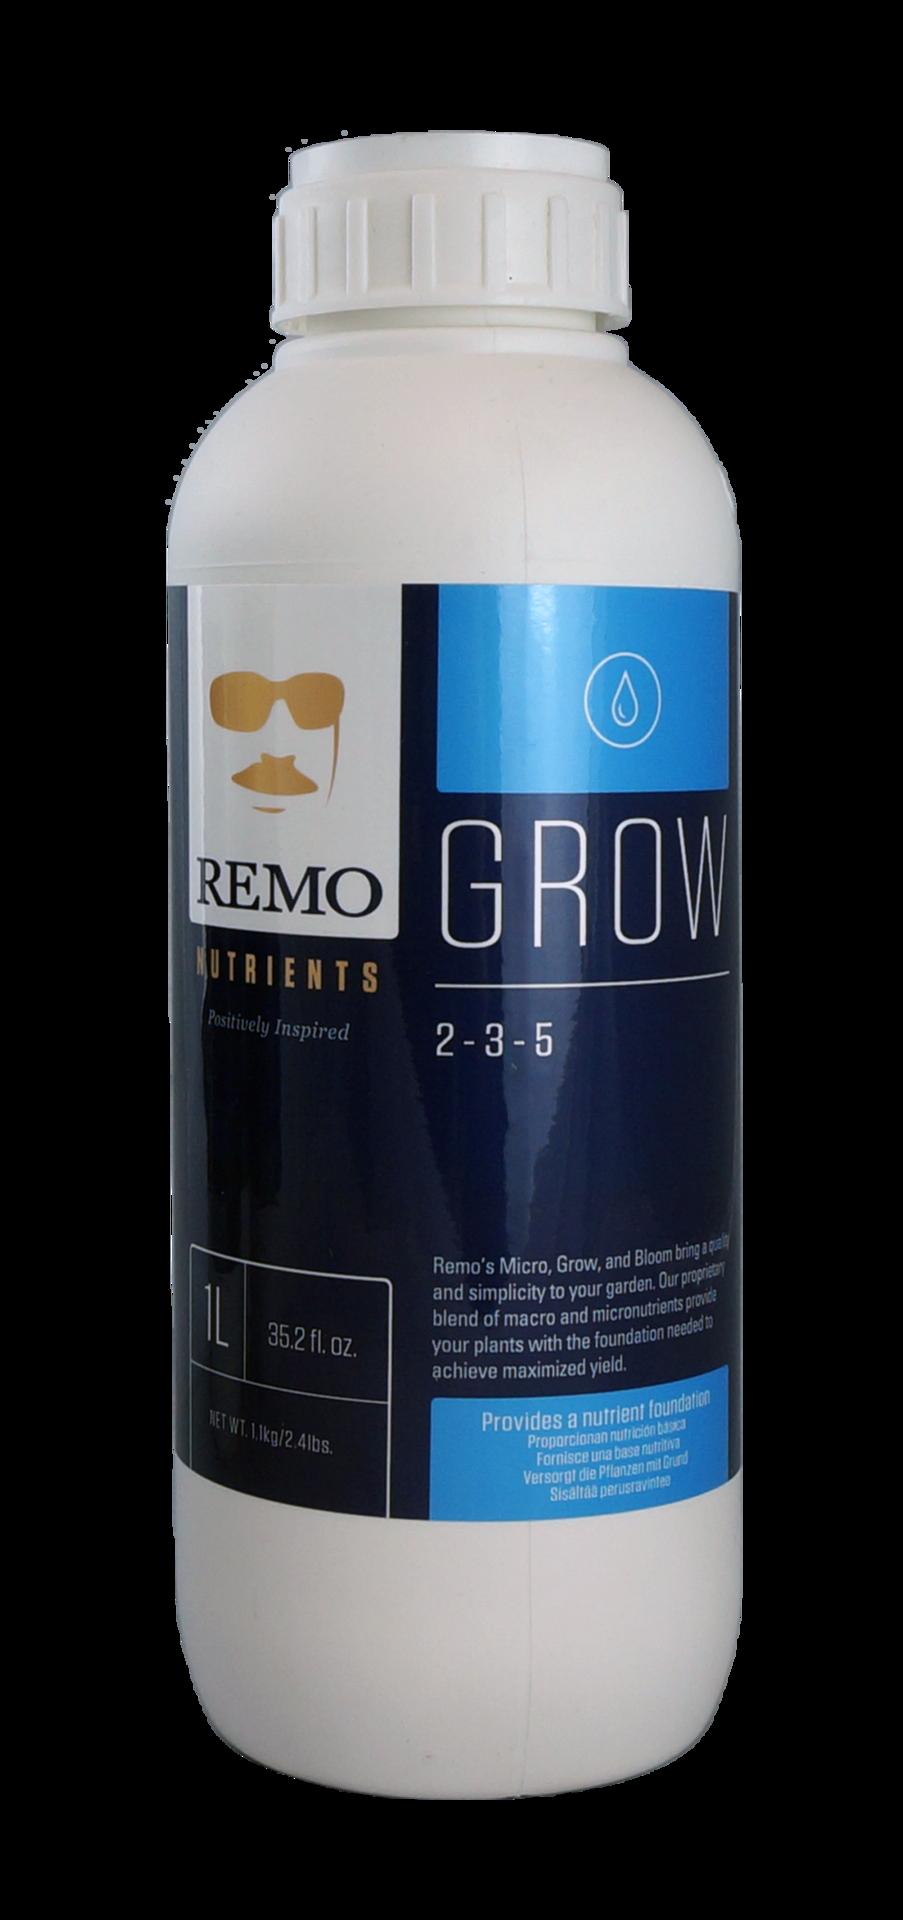 REMO GROW 1 LITRE